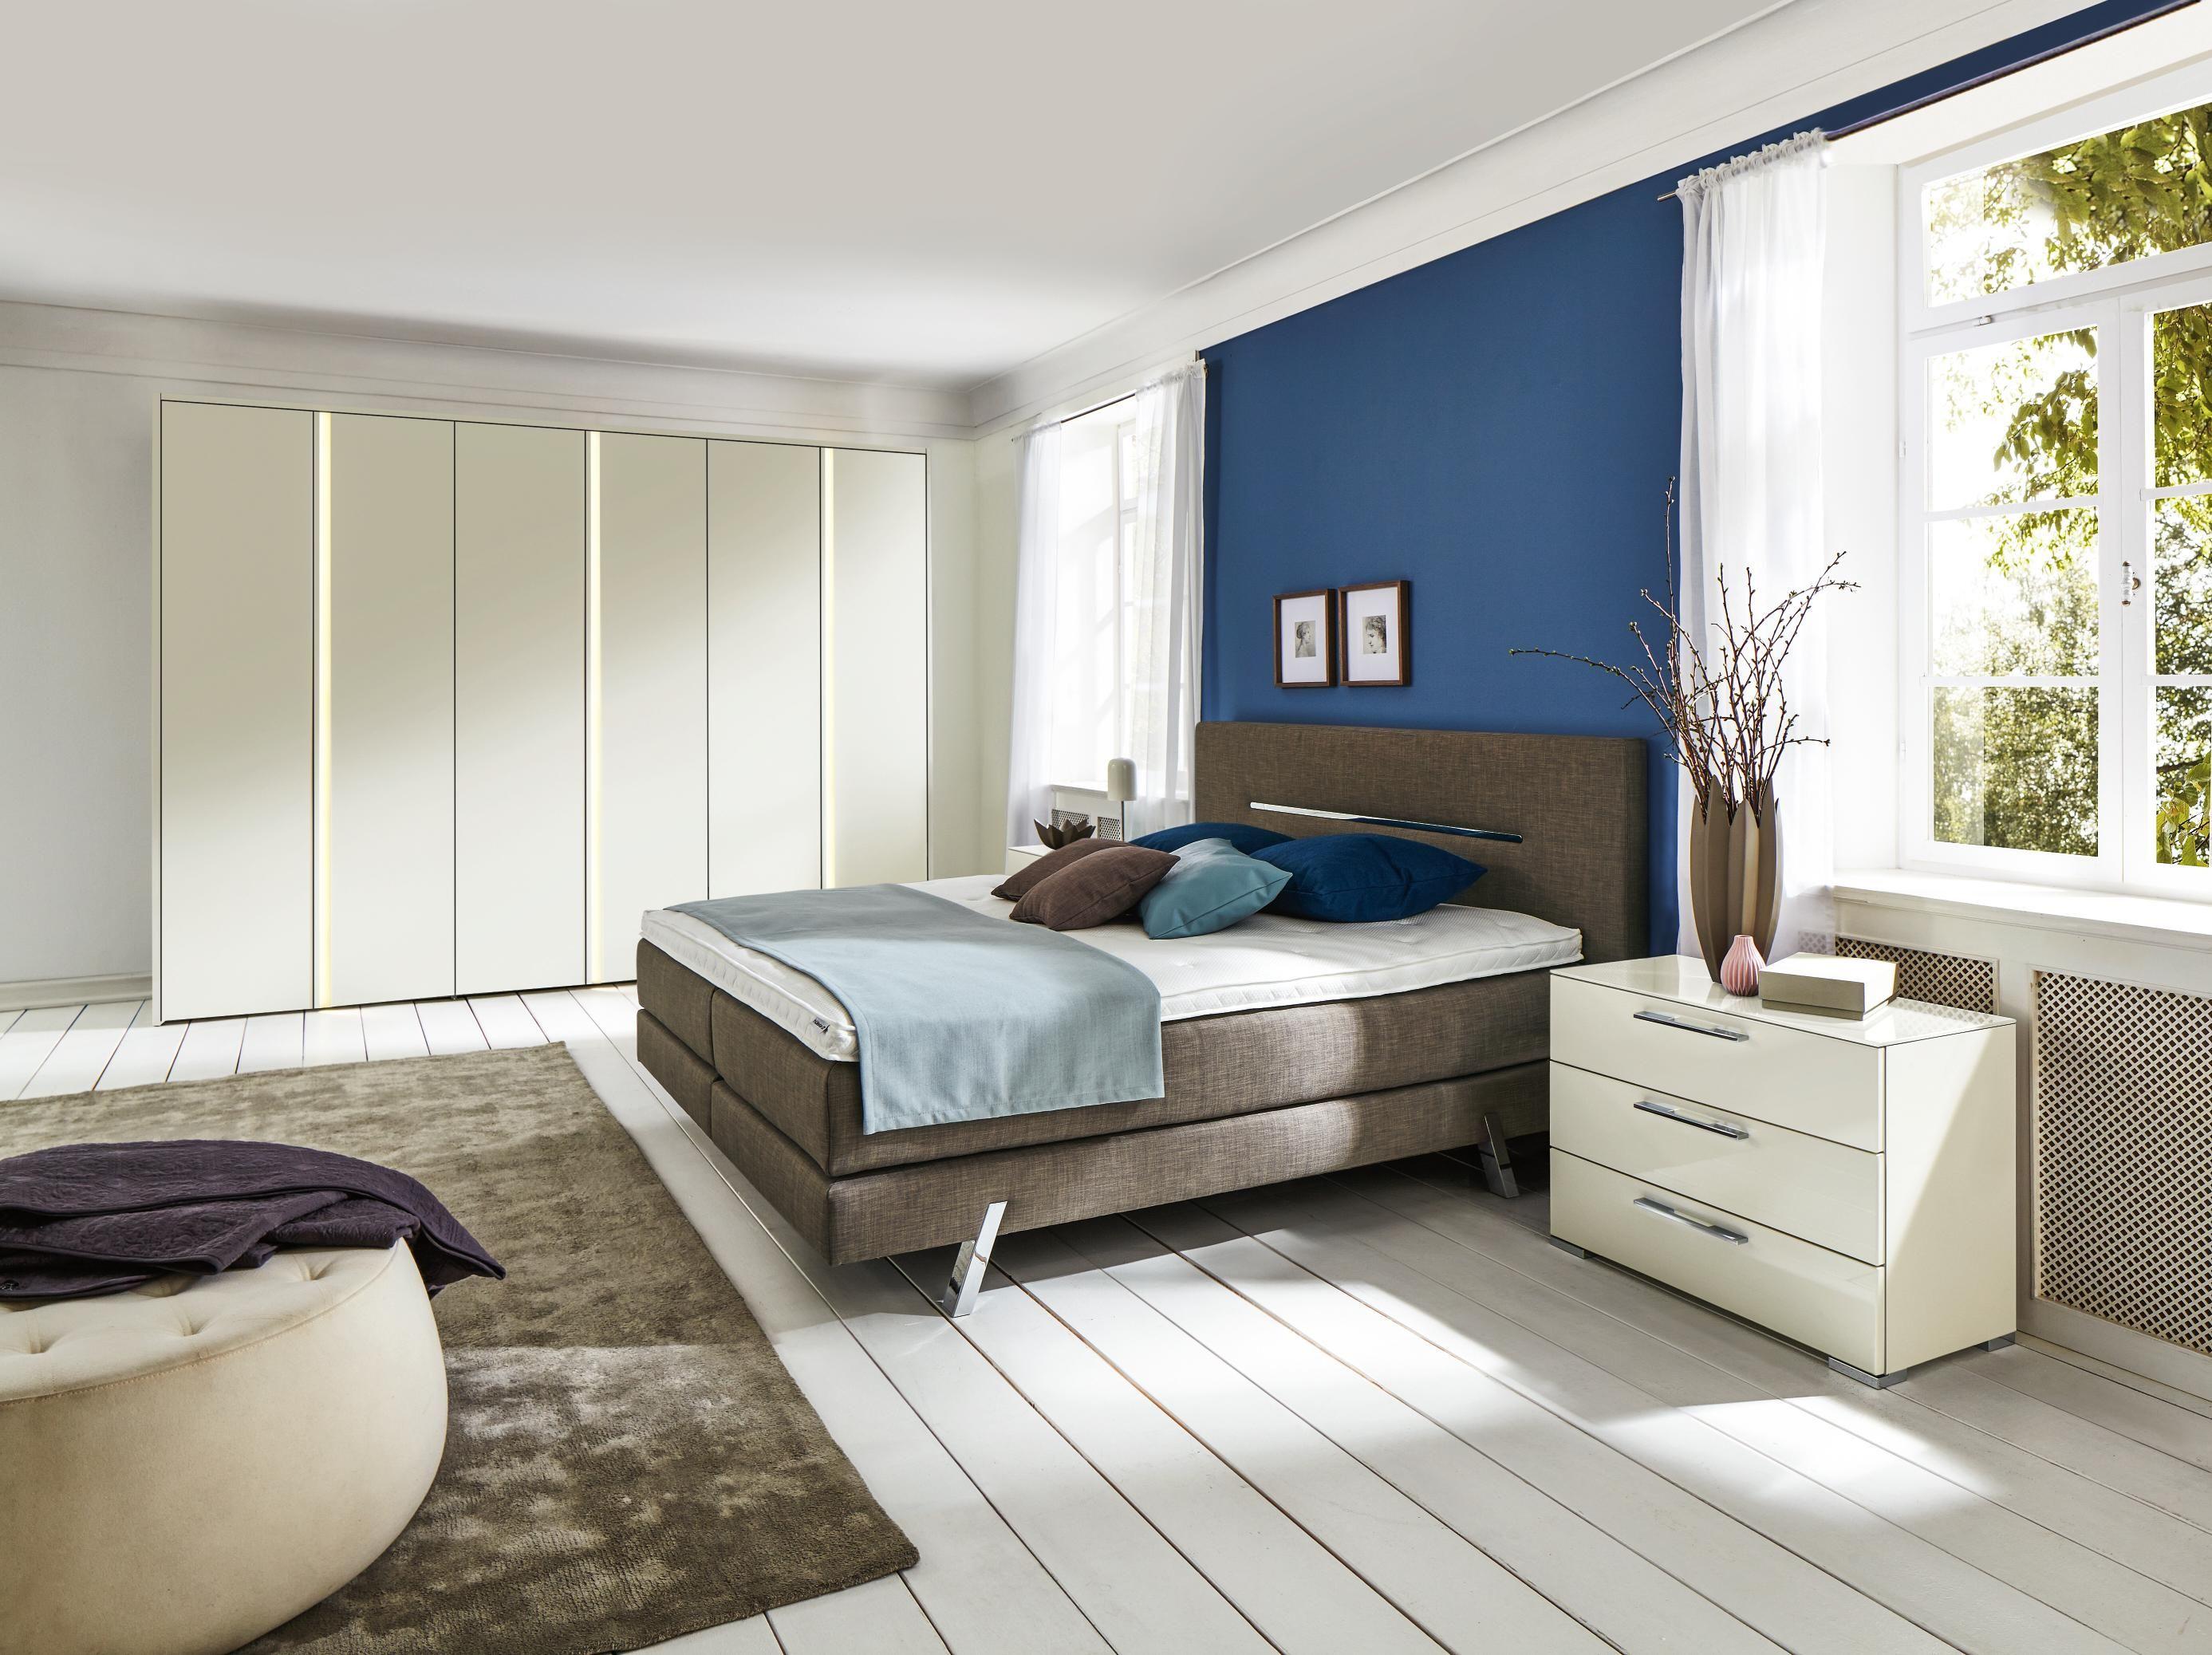 Hülsta schlafzimmer ~ Schlafzimmer gestalten schlafzimmer einrichten